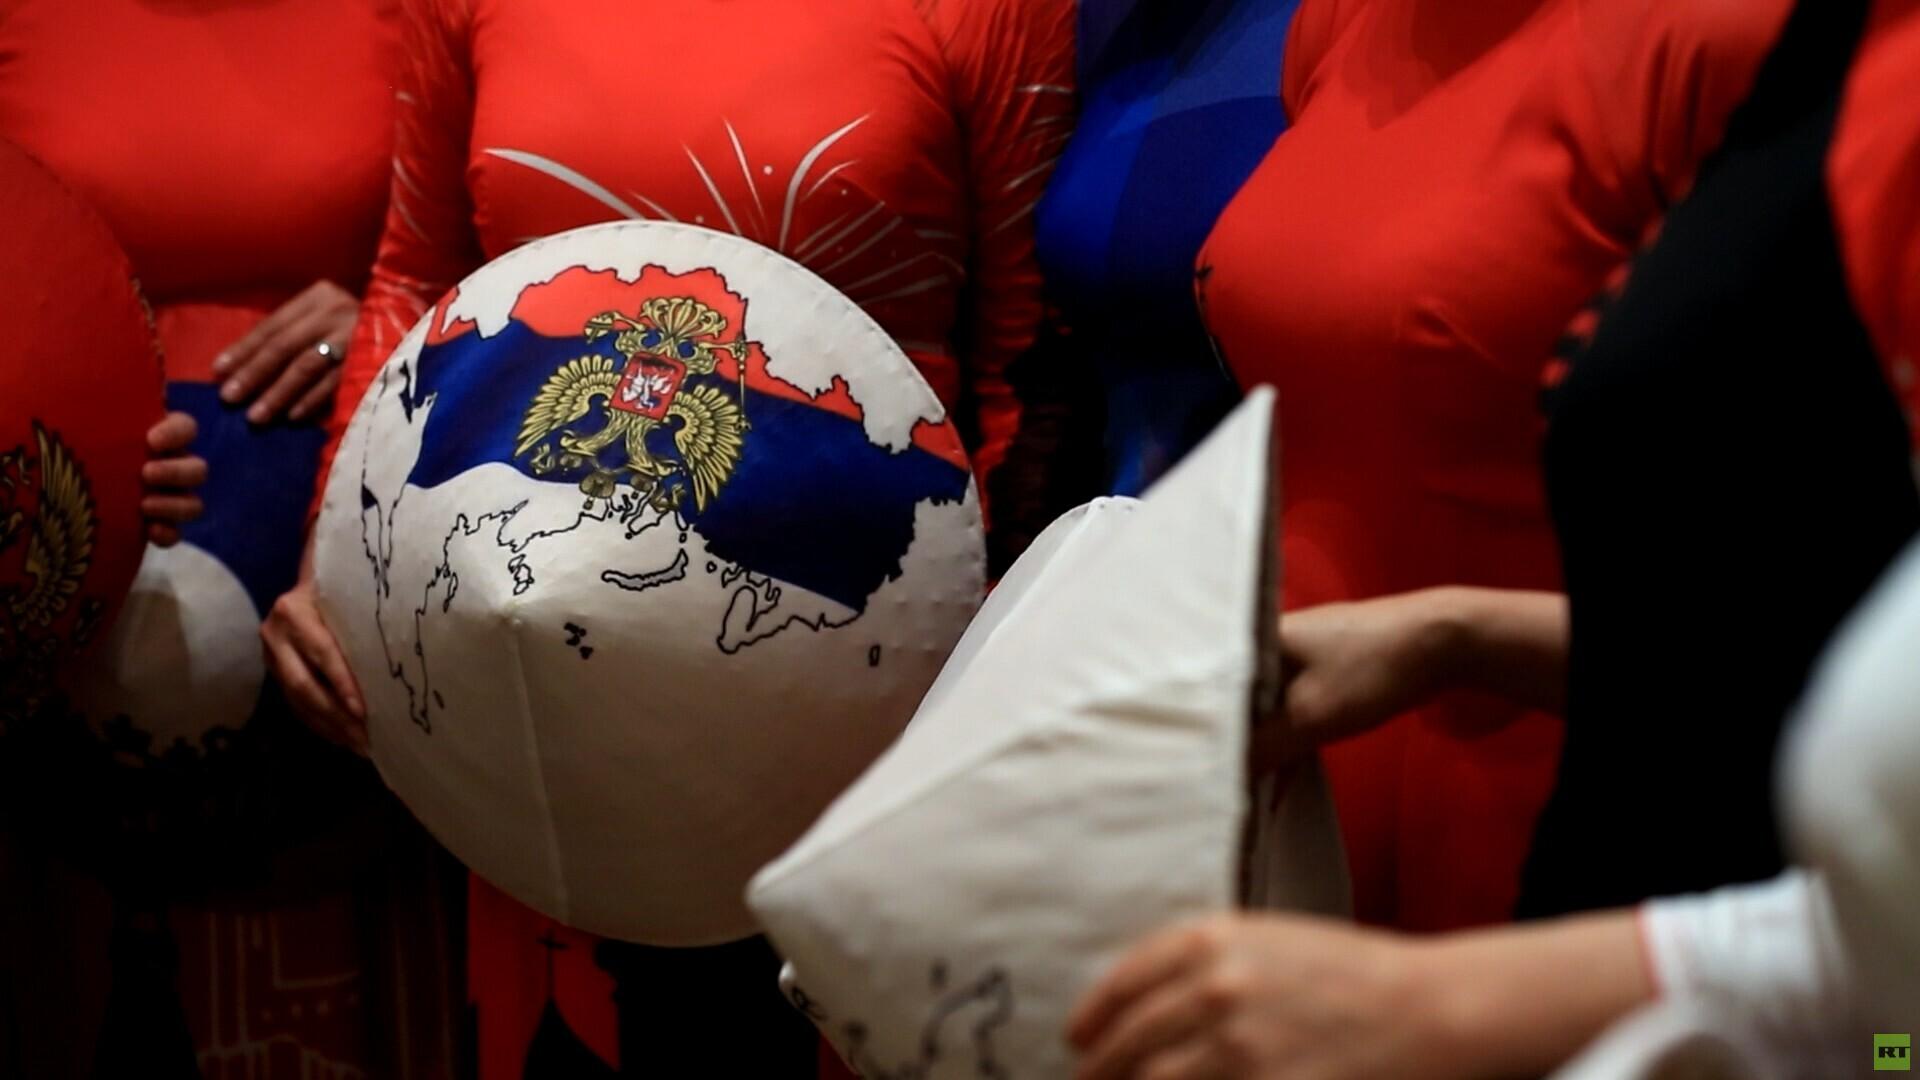 مصممة أزياء فيتنامية عالمية تقدم آخر مستجداتها في موسكو